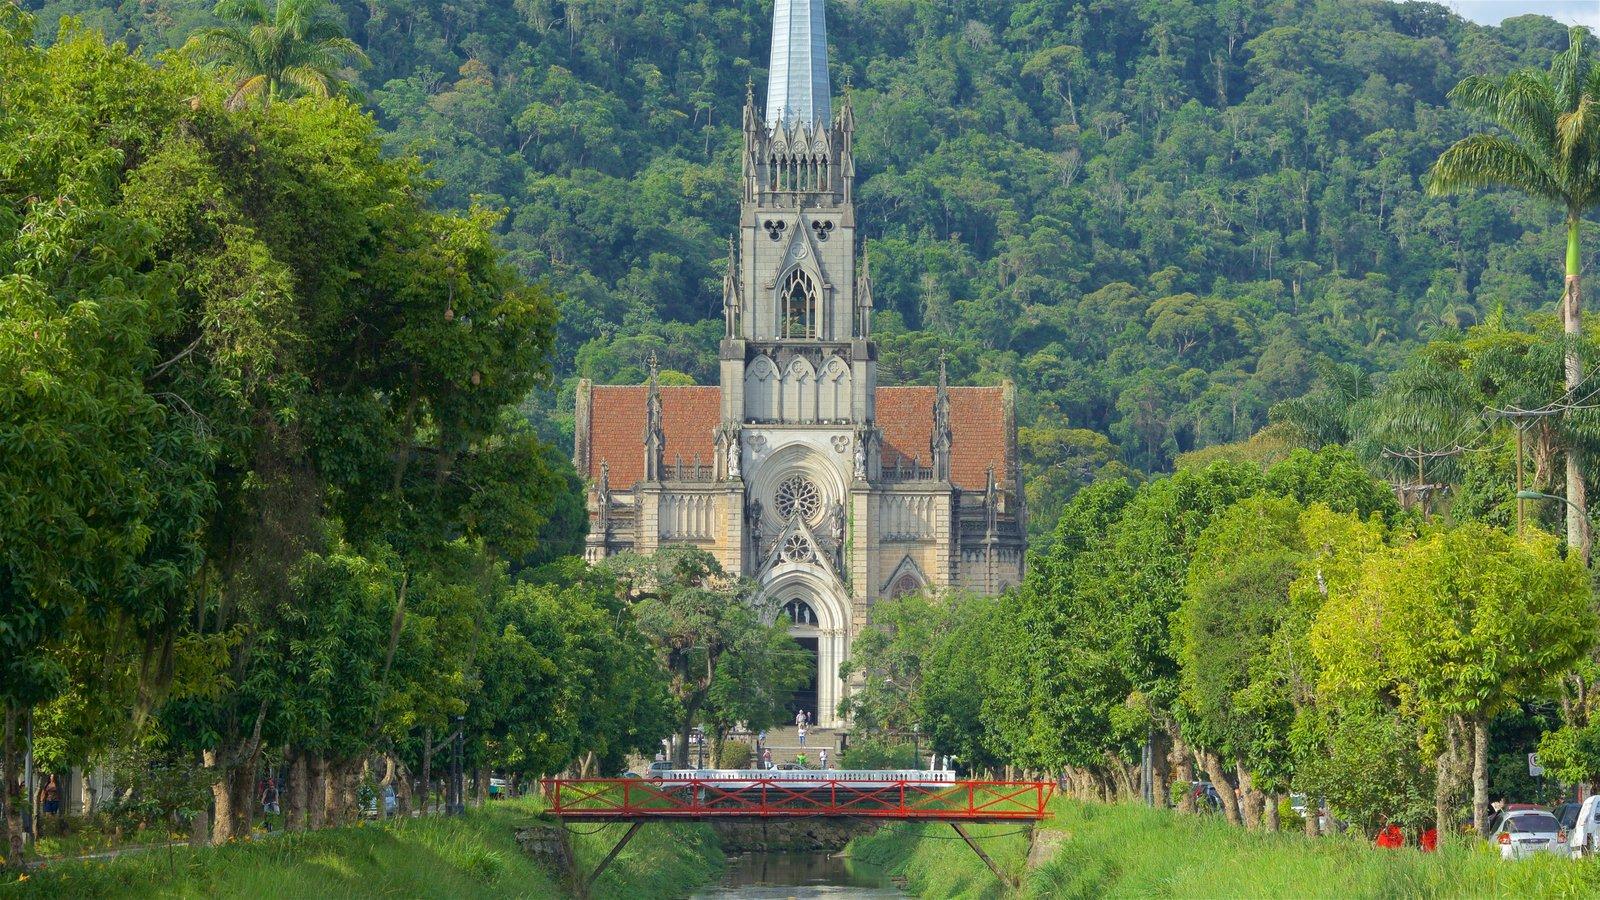 Catedral de São Pedro de Alcântara caracterizando uma ponte, um jardim e arquitetura de patrimônio